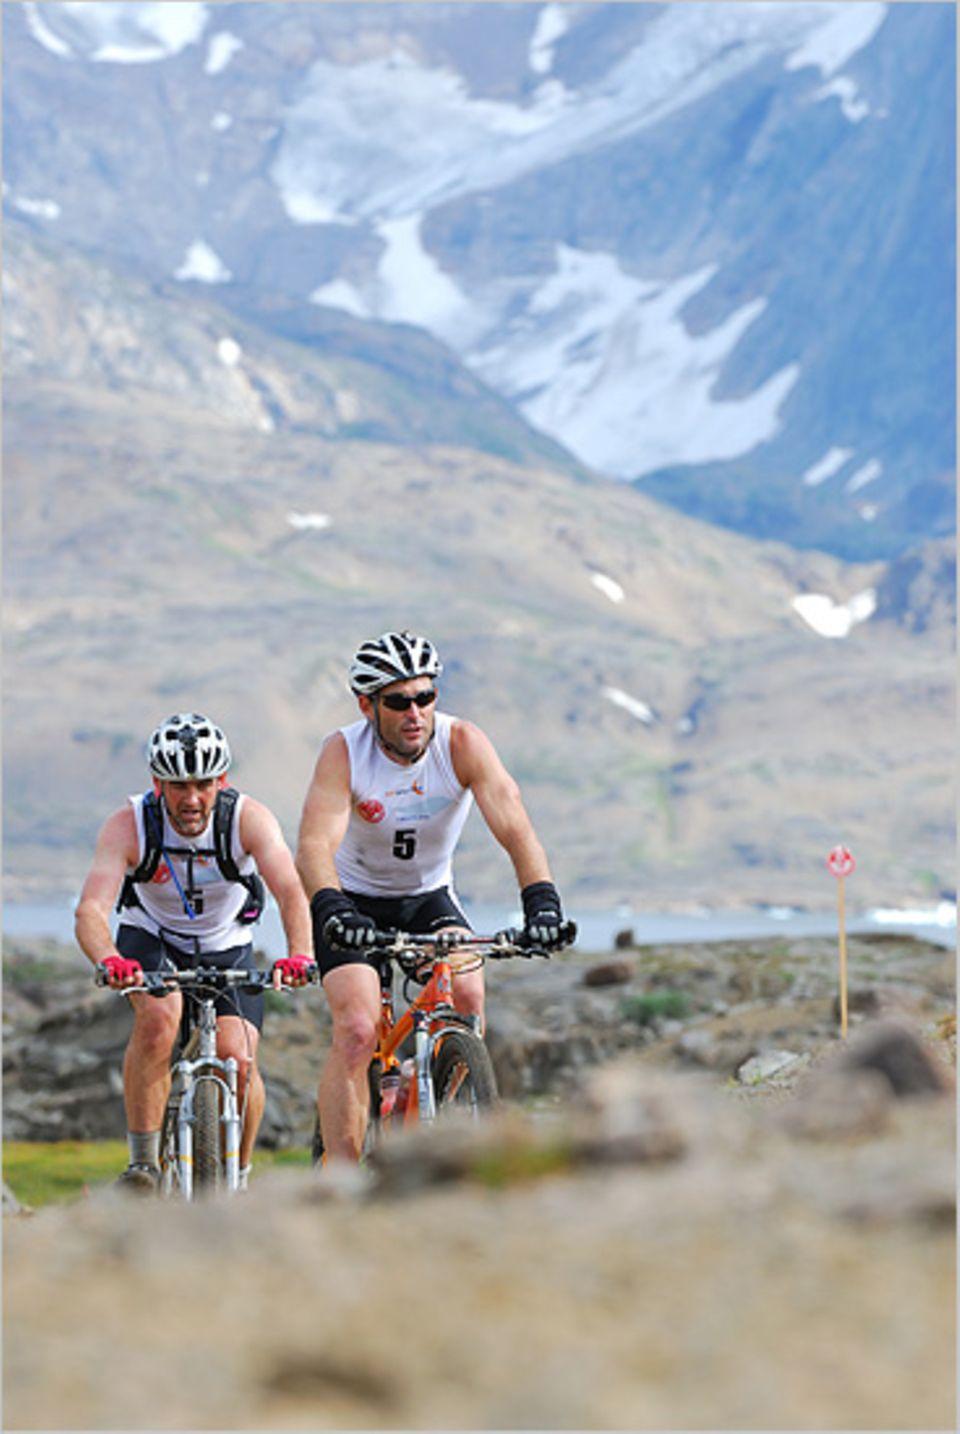 Mountainbike-Disziplin: Für Adventure-Racer liegt die Siegerstrasse jenseits der ausgebauten Wege